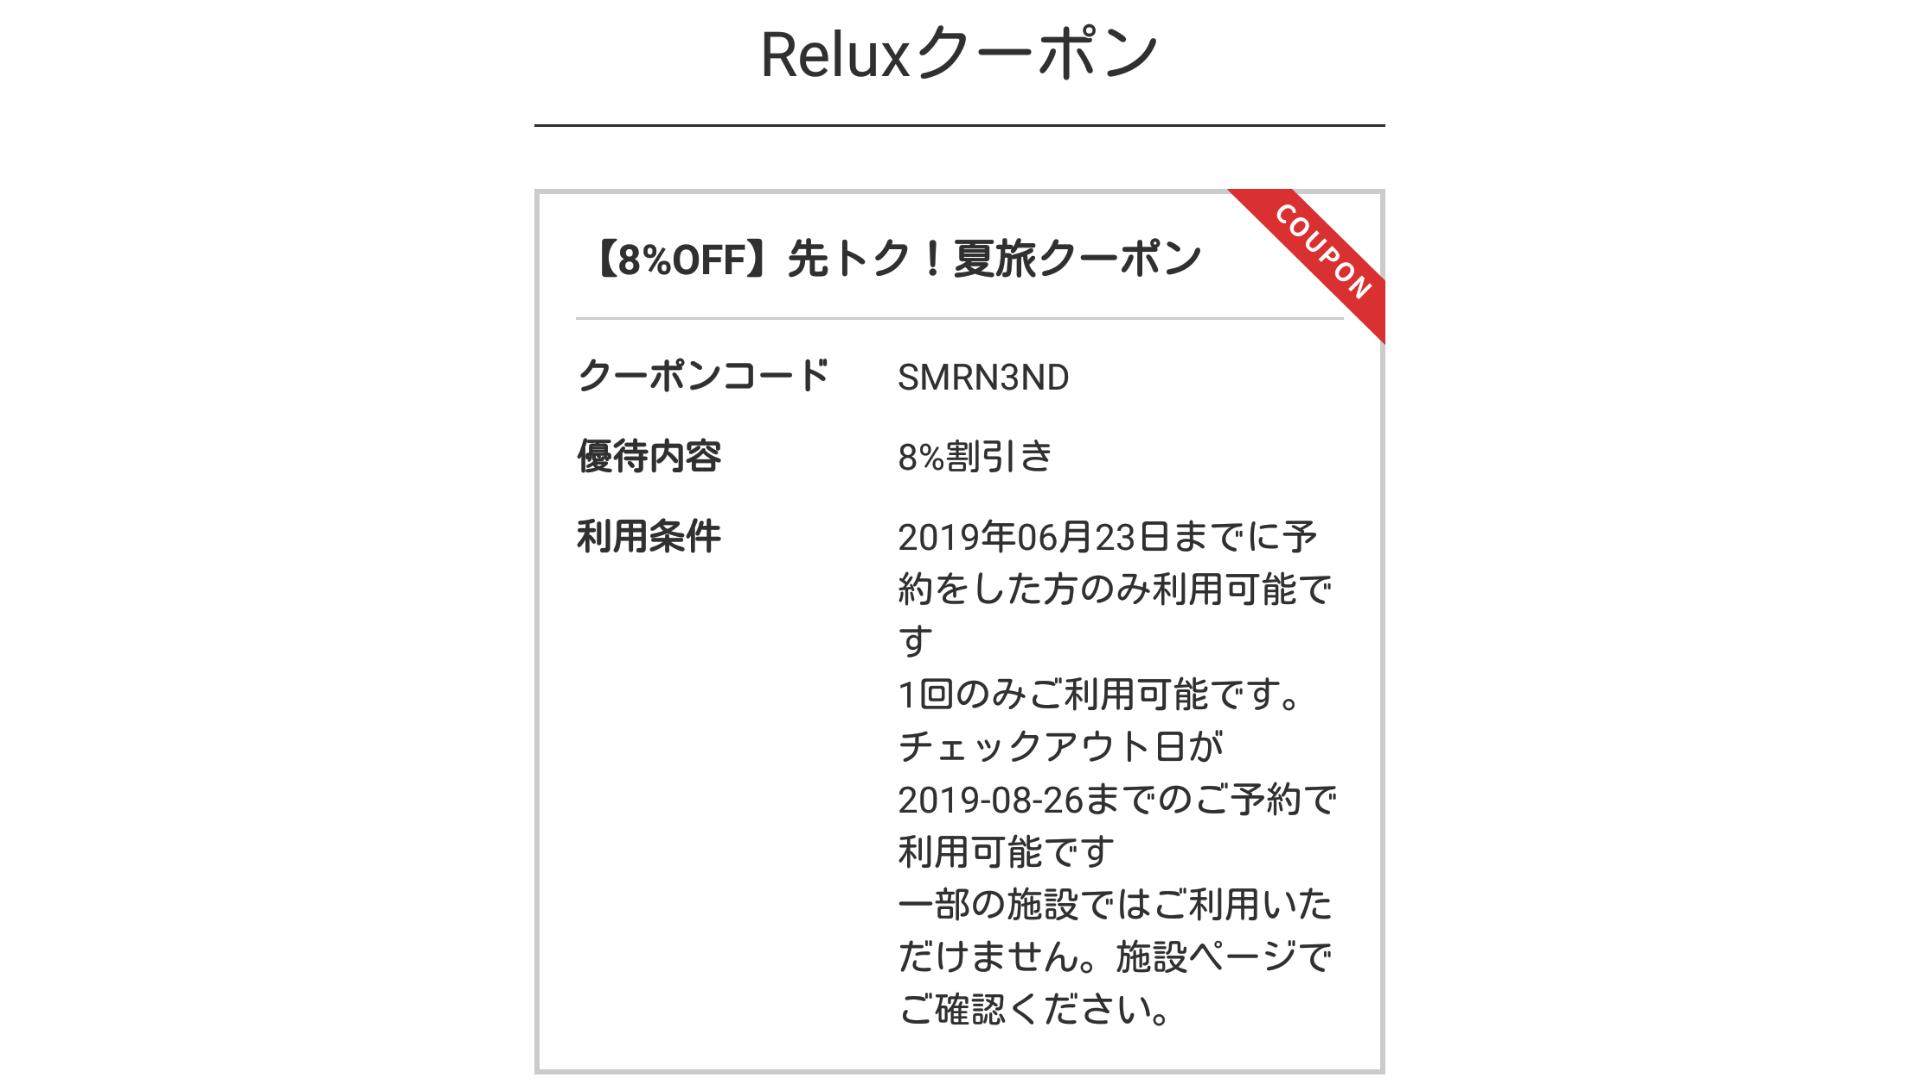 Reluxが送ってくるクーポンを利用して宿泊費をお得にする